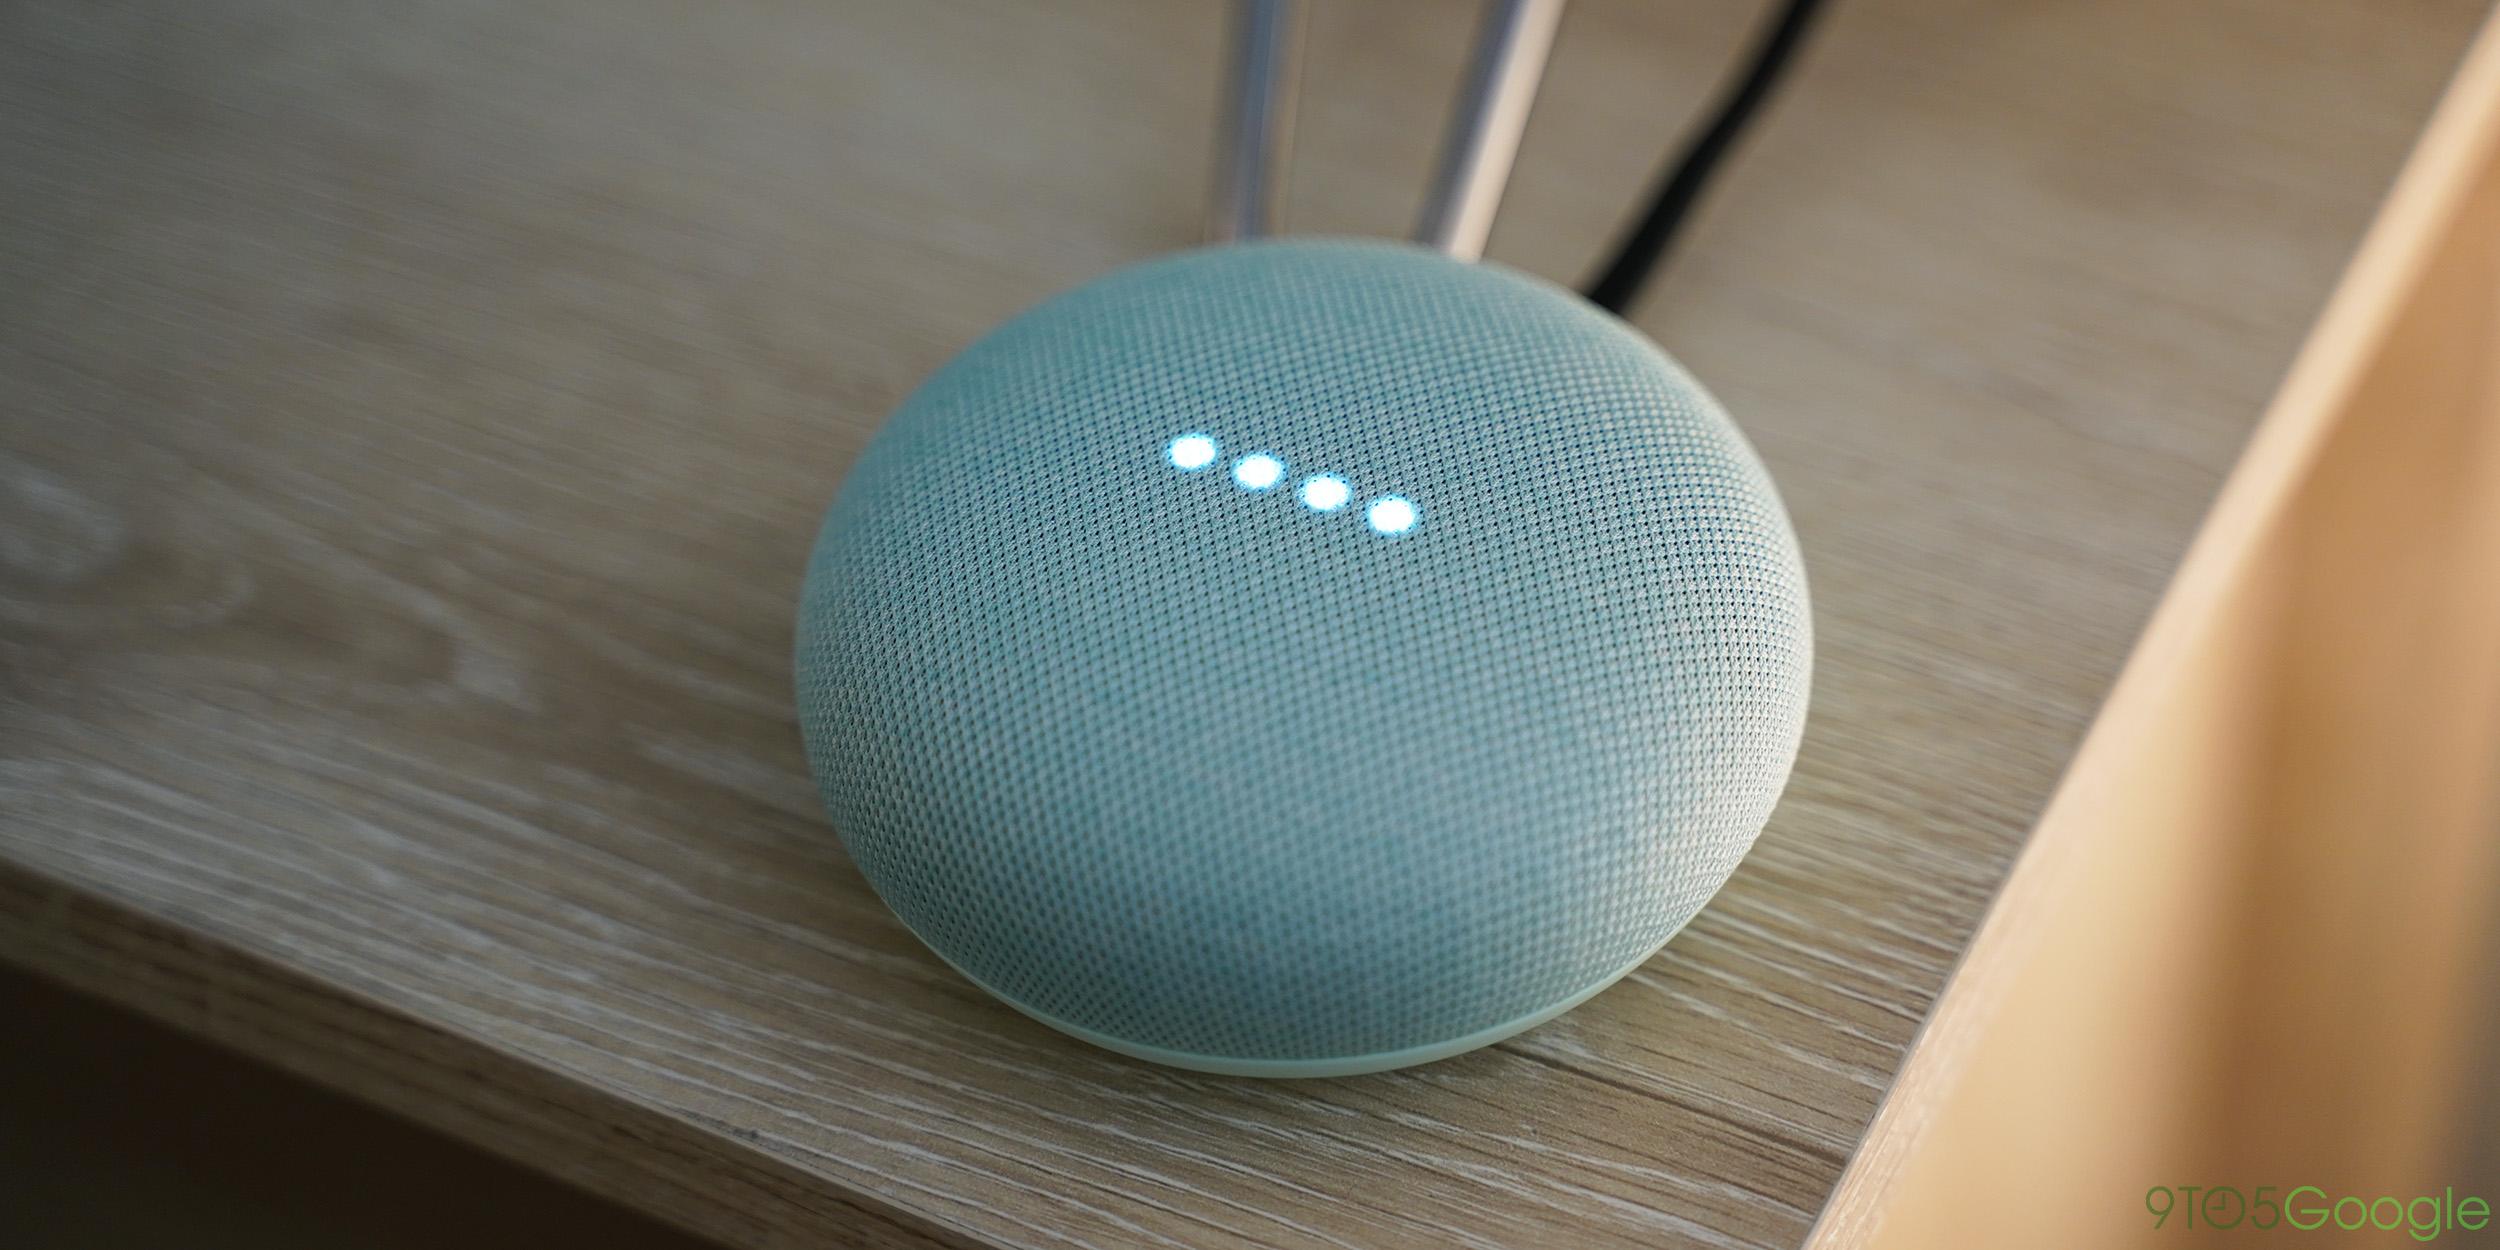 Qualcomm's new smart speaker chipset promises better voice recognition, better audio, more